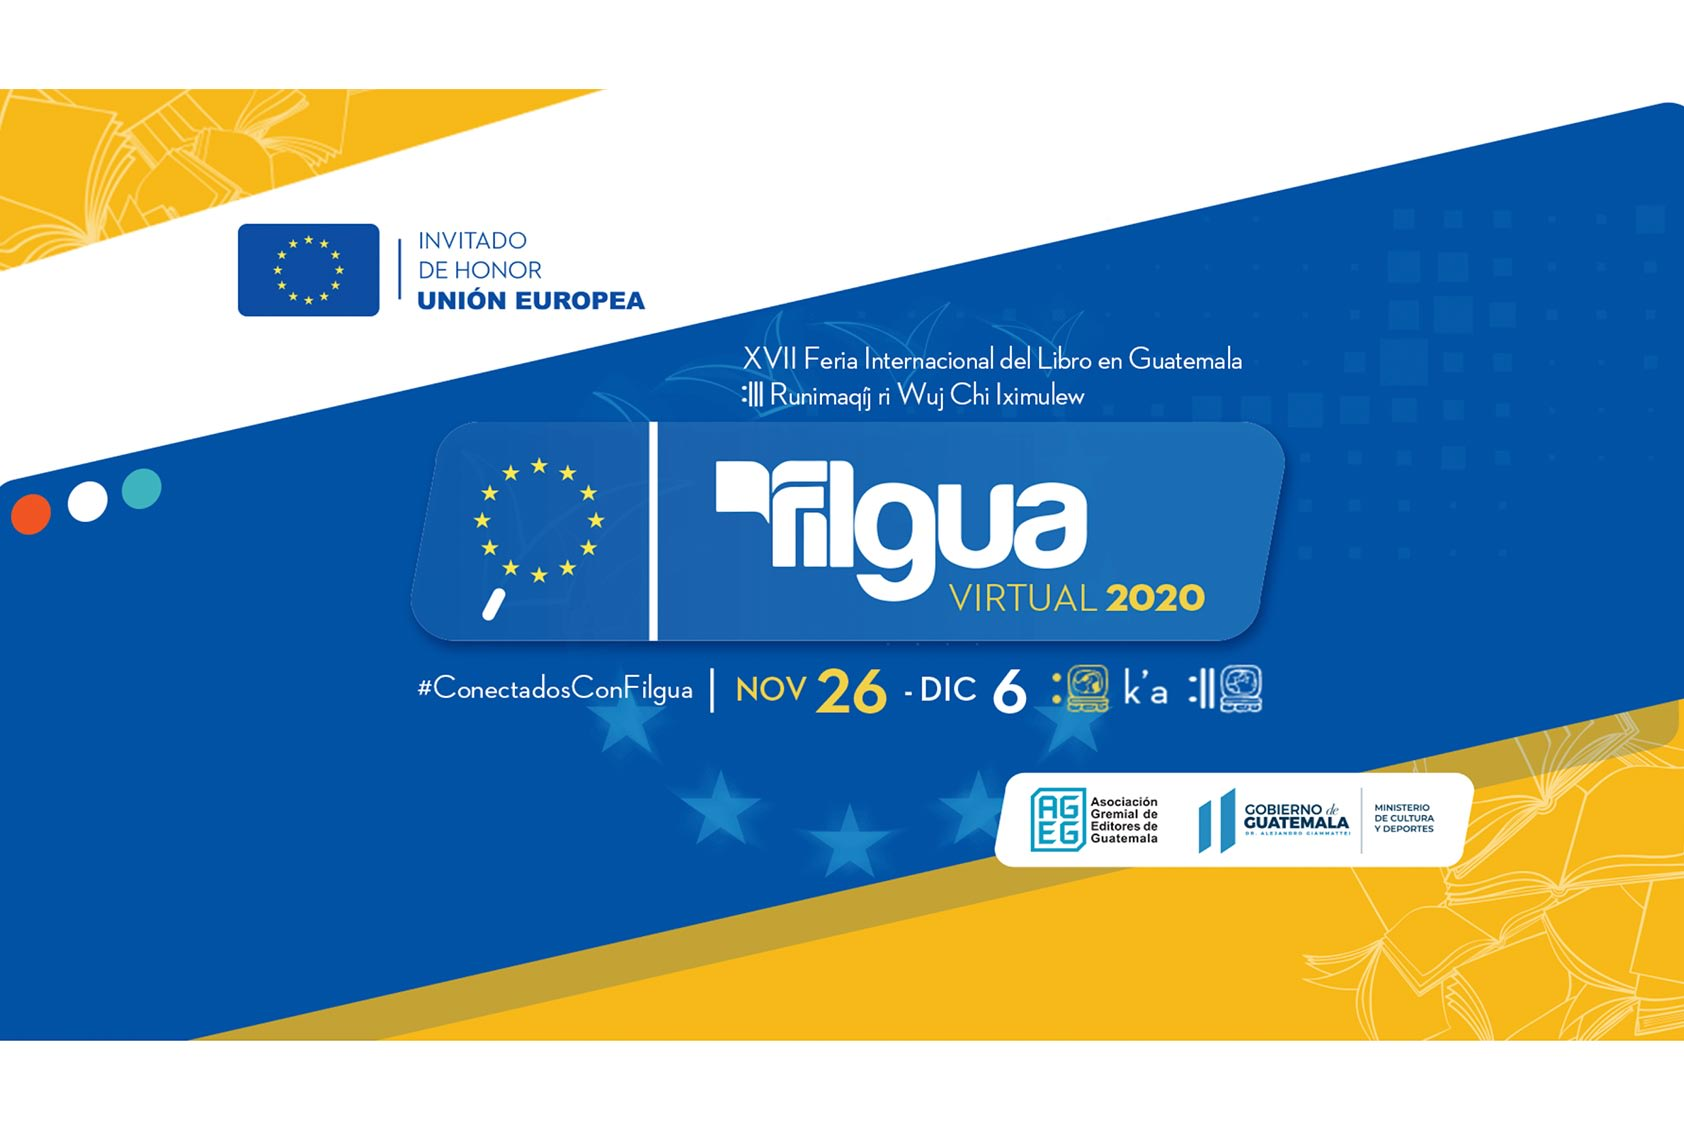 ¡Esta será la participación de UVG en  Filgua Virtual 2020!